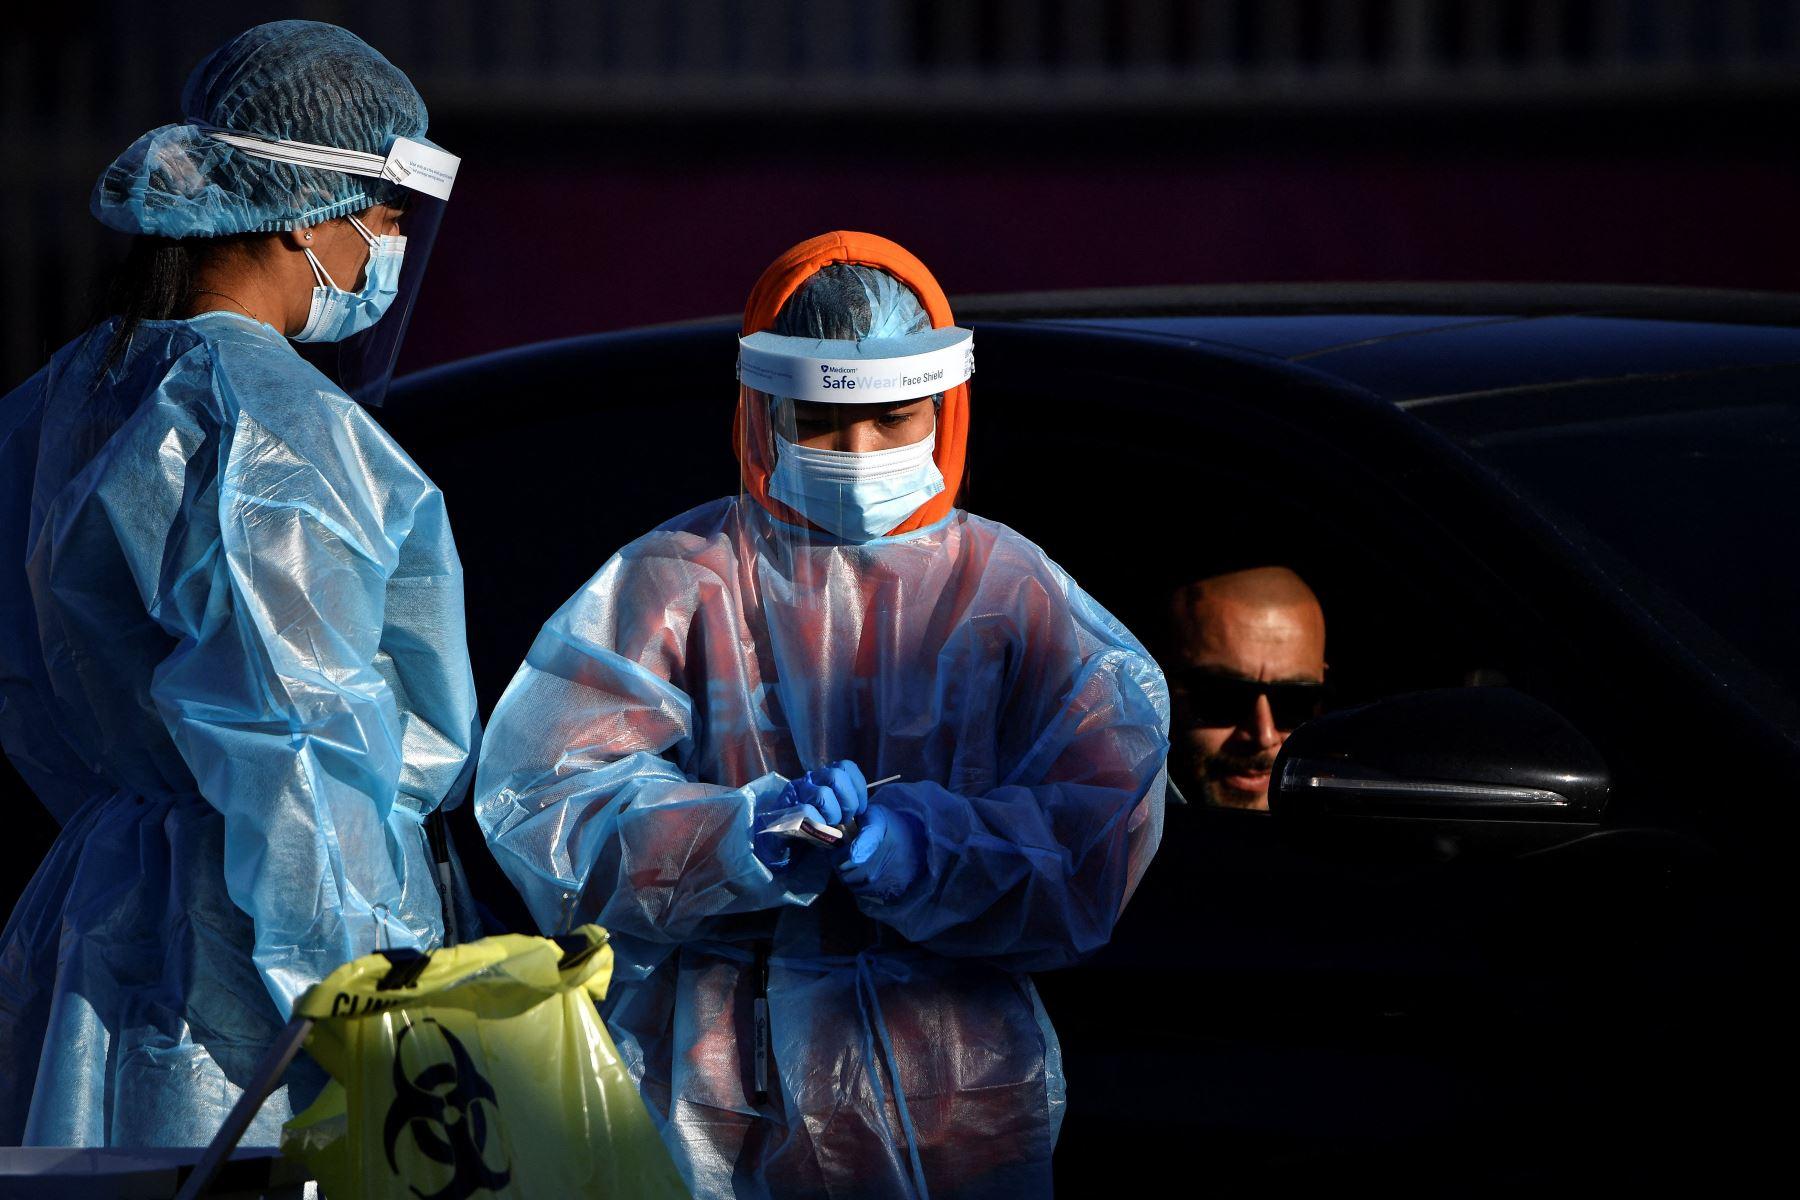 Los trabajadores de la salud toman muestras de hisopos de los residentes en un sitio de prueba covid-19 en el oeste de Sydney. Foto: AFP